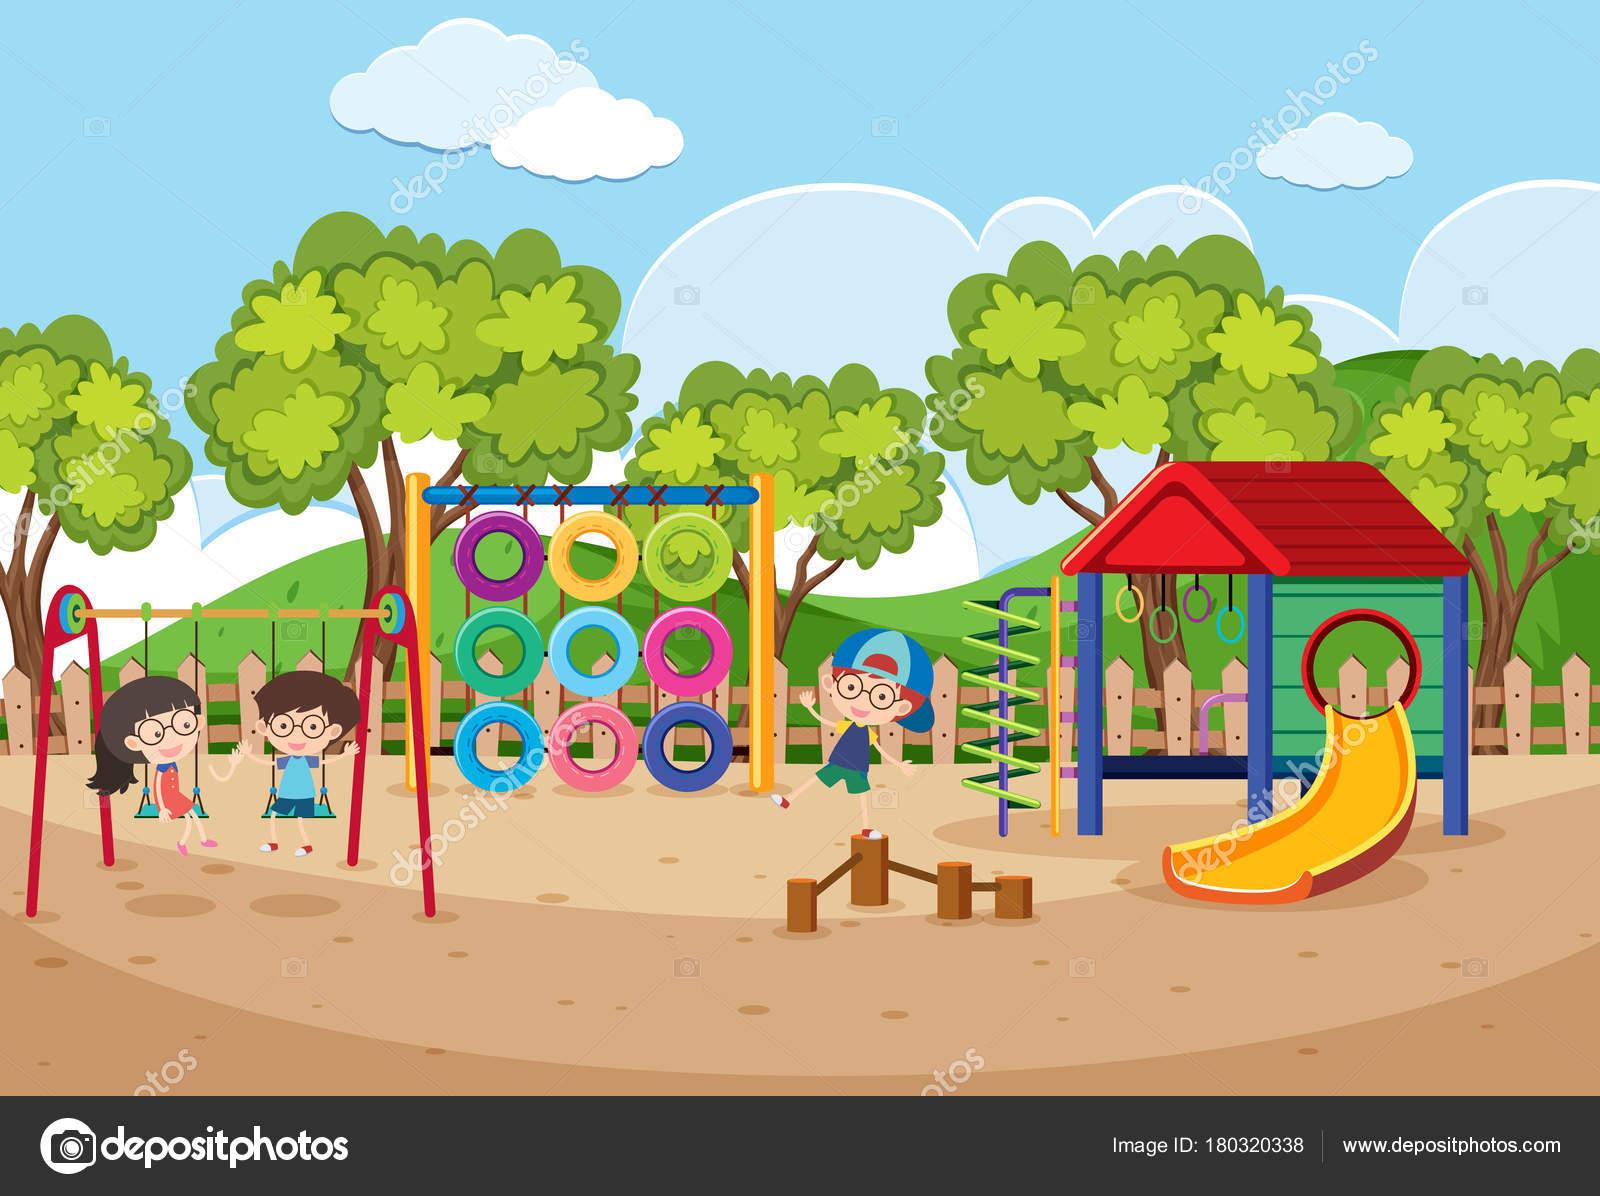 昼間の遊び場で遊んでいる子供たち — ストックベクター © brgfx #180320338